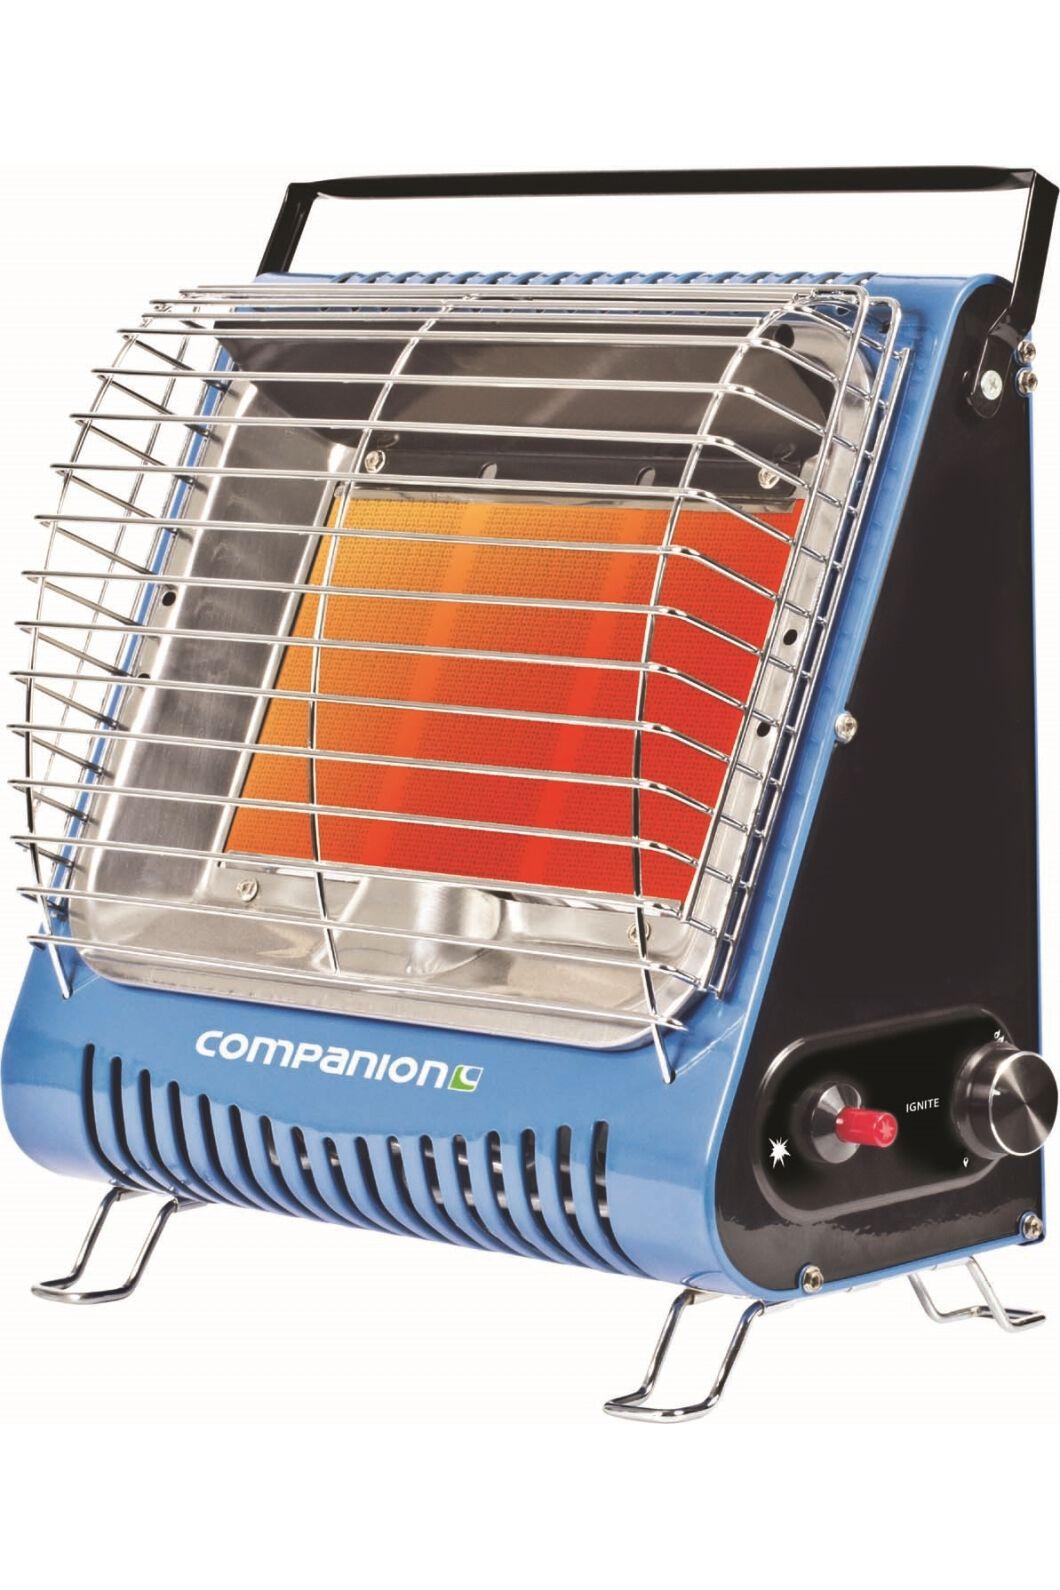 Companion Portable LPG Heater, None, hi-res